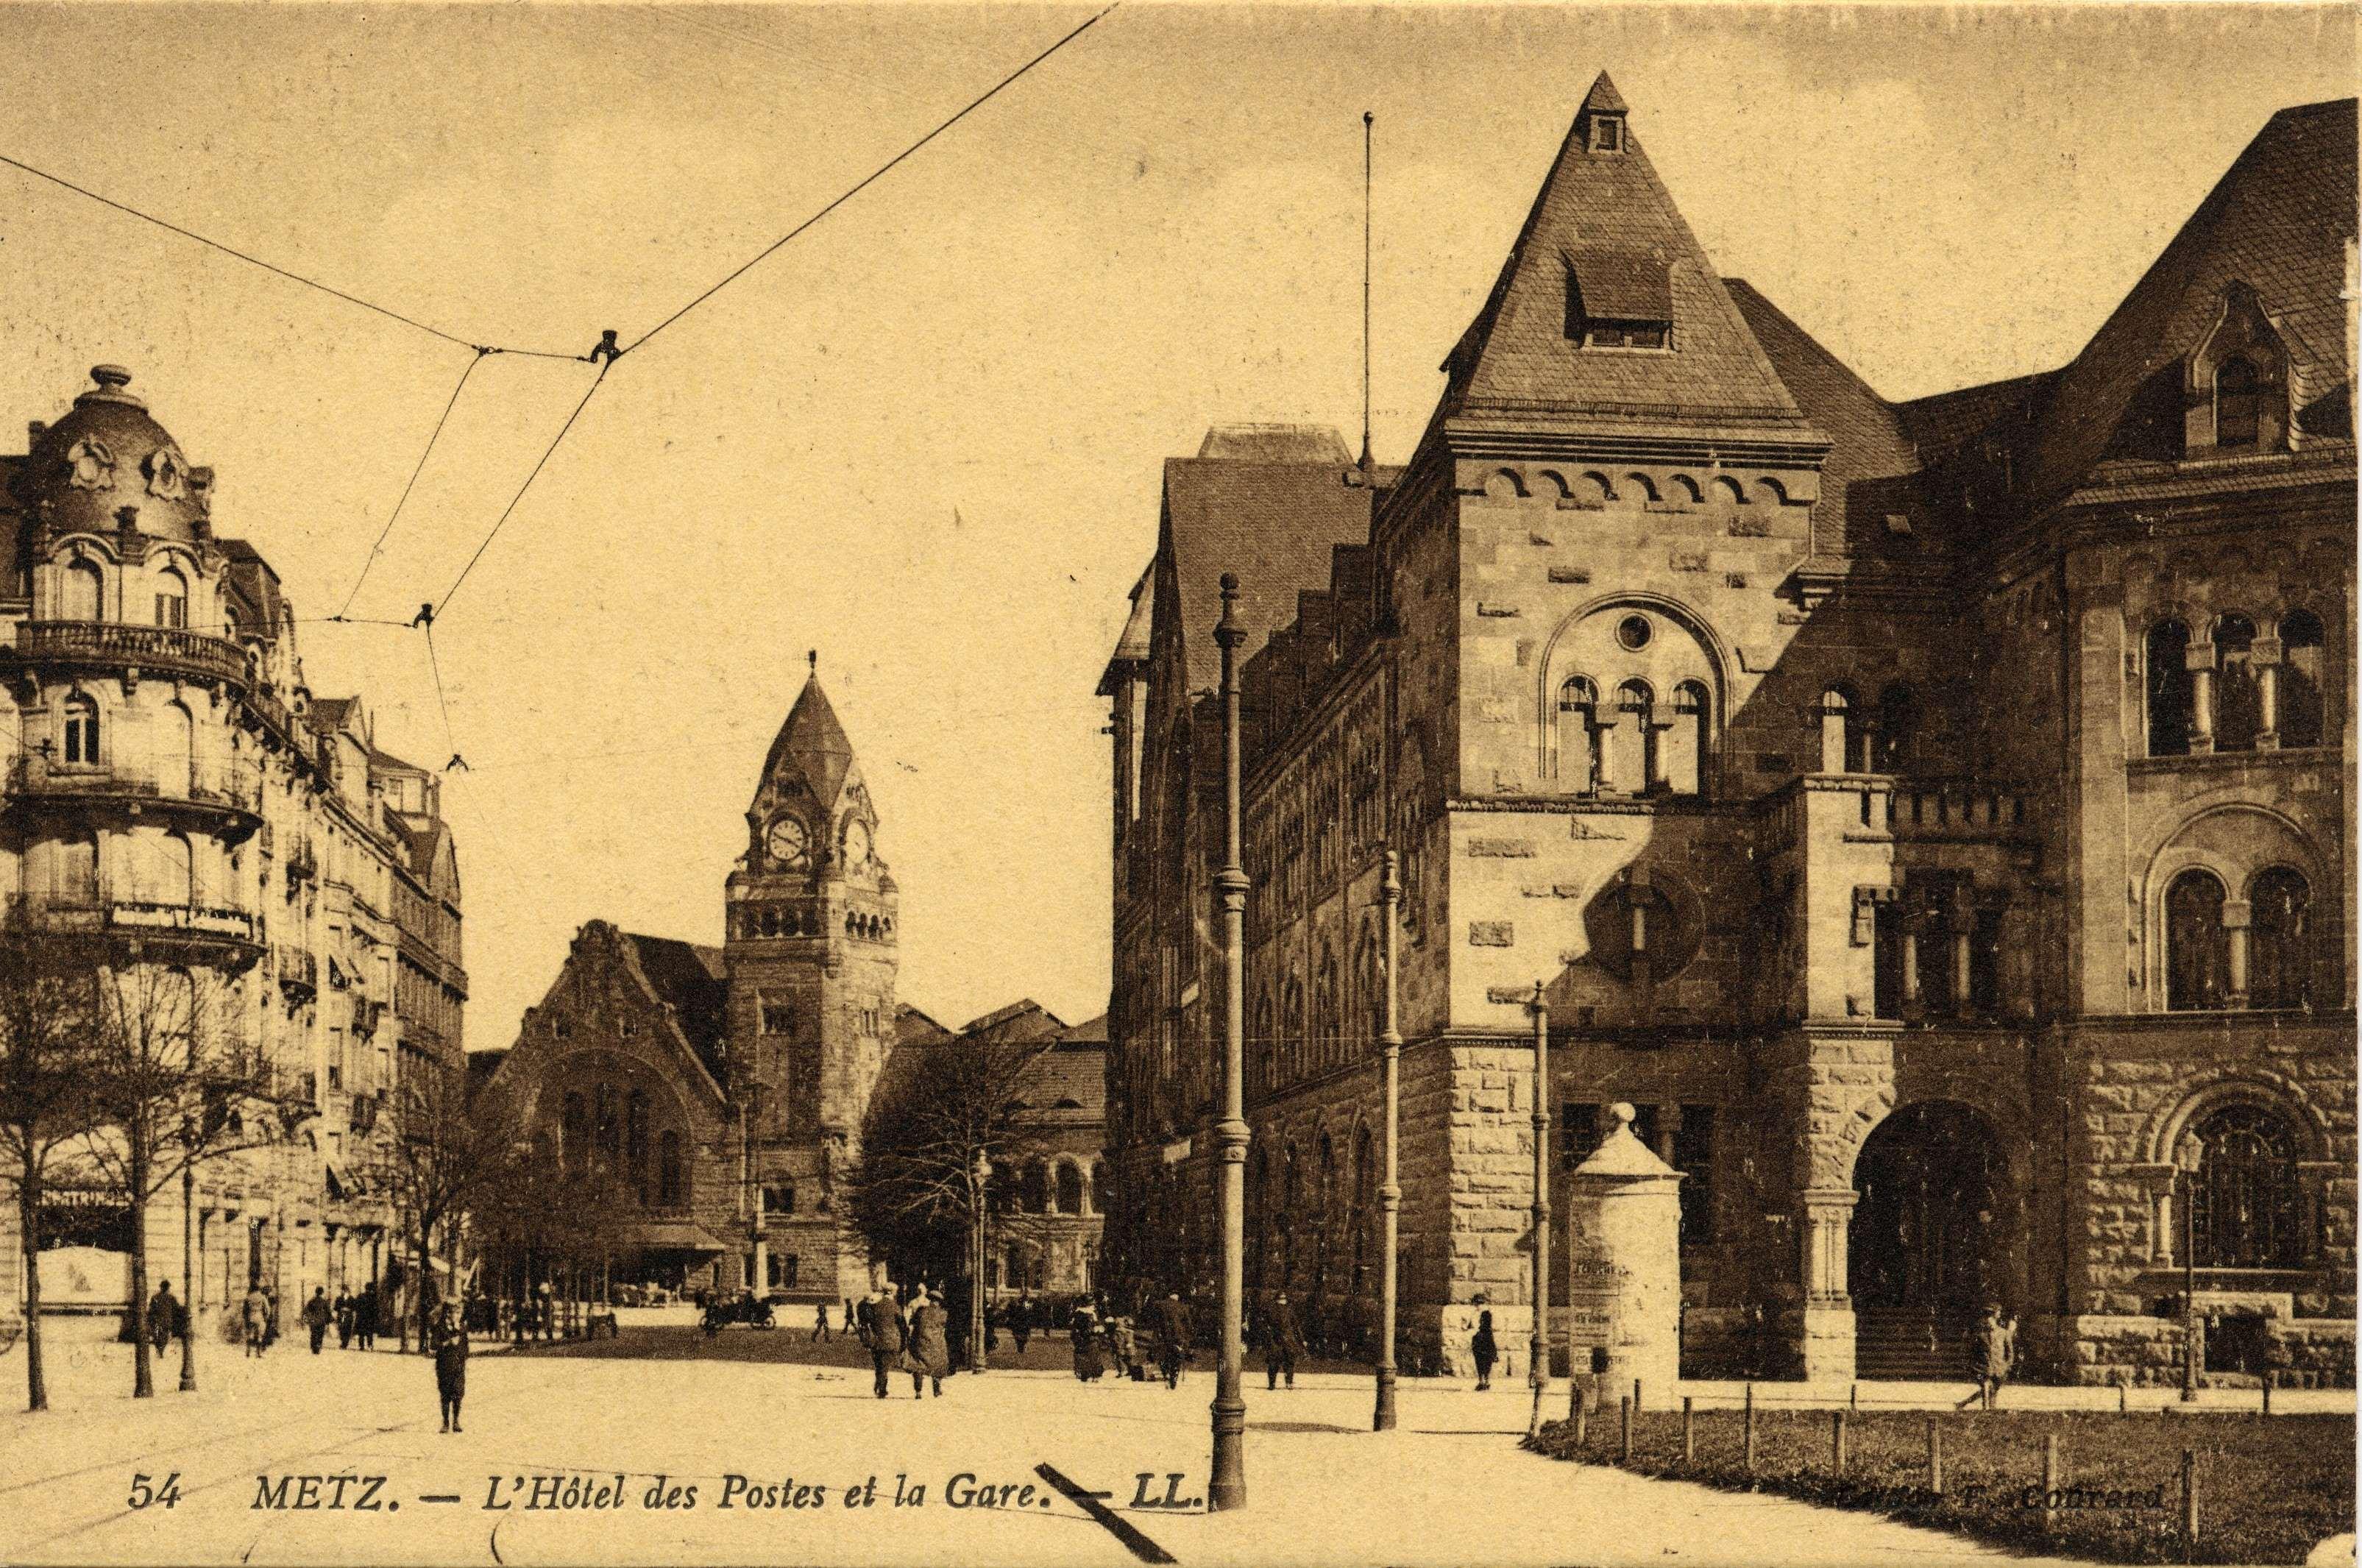 Contenu du Metz. L'Hôtel des Postes et la Gare